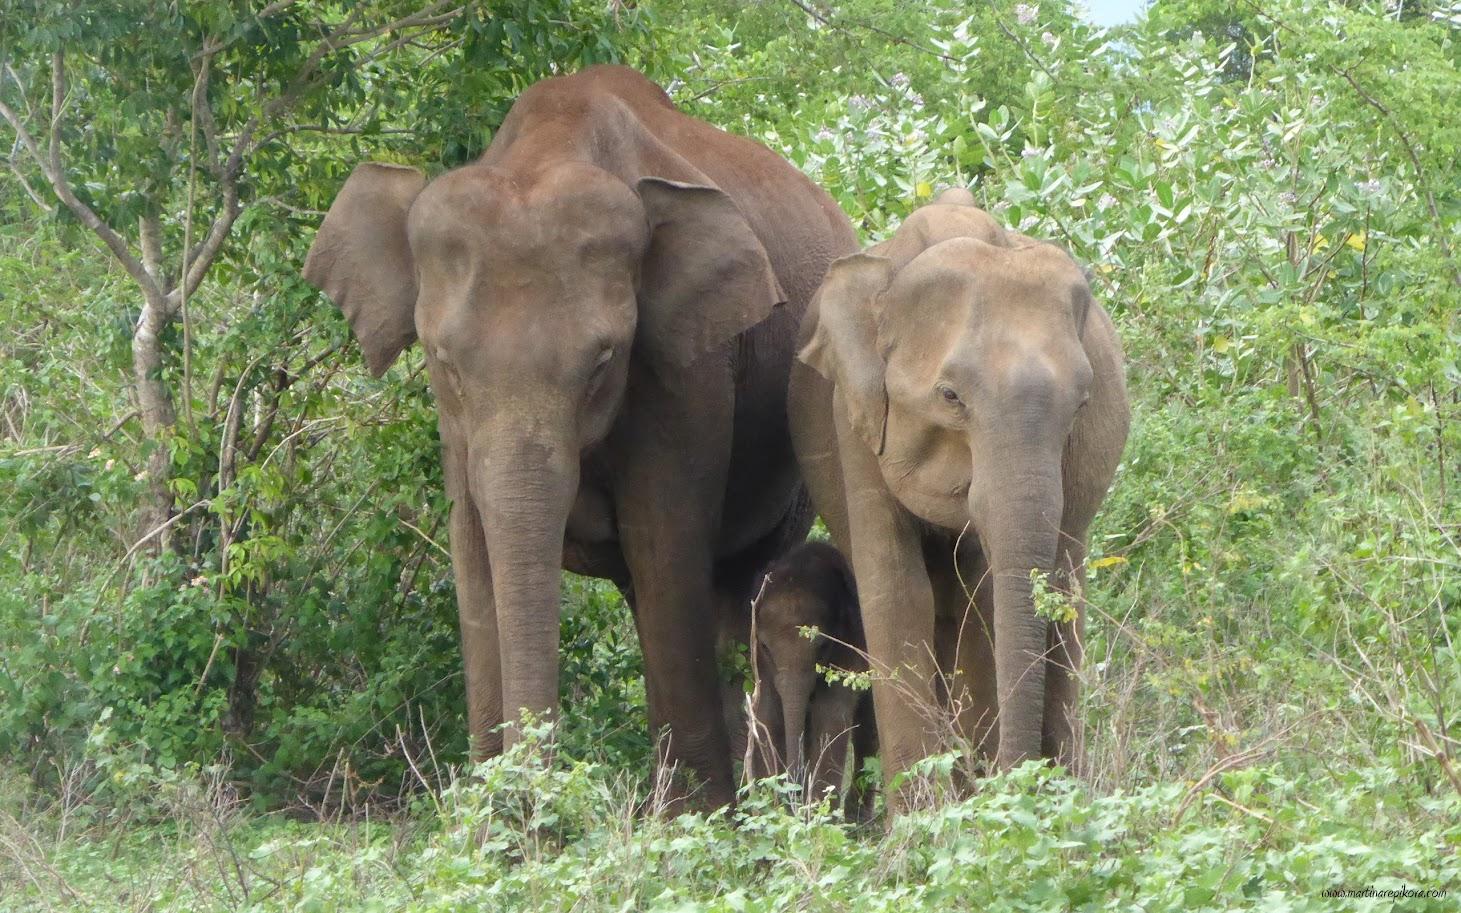 Elephant baby, Uda Walawe, Sri Lanka